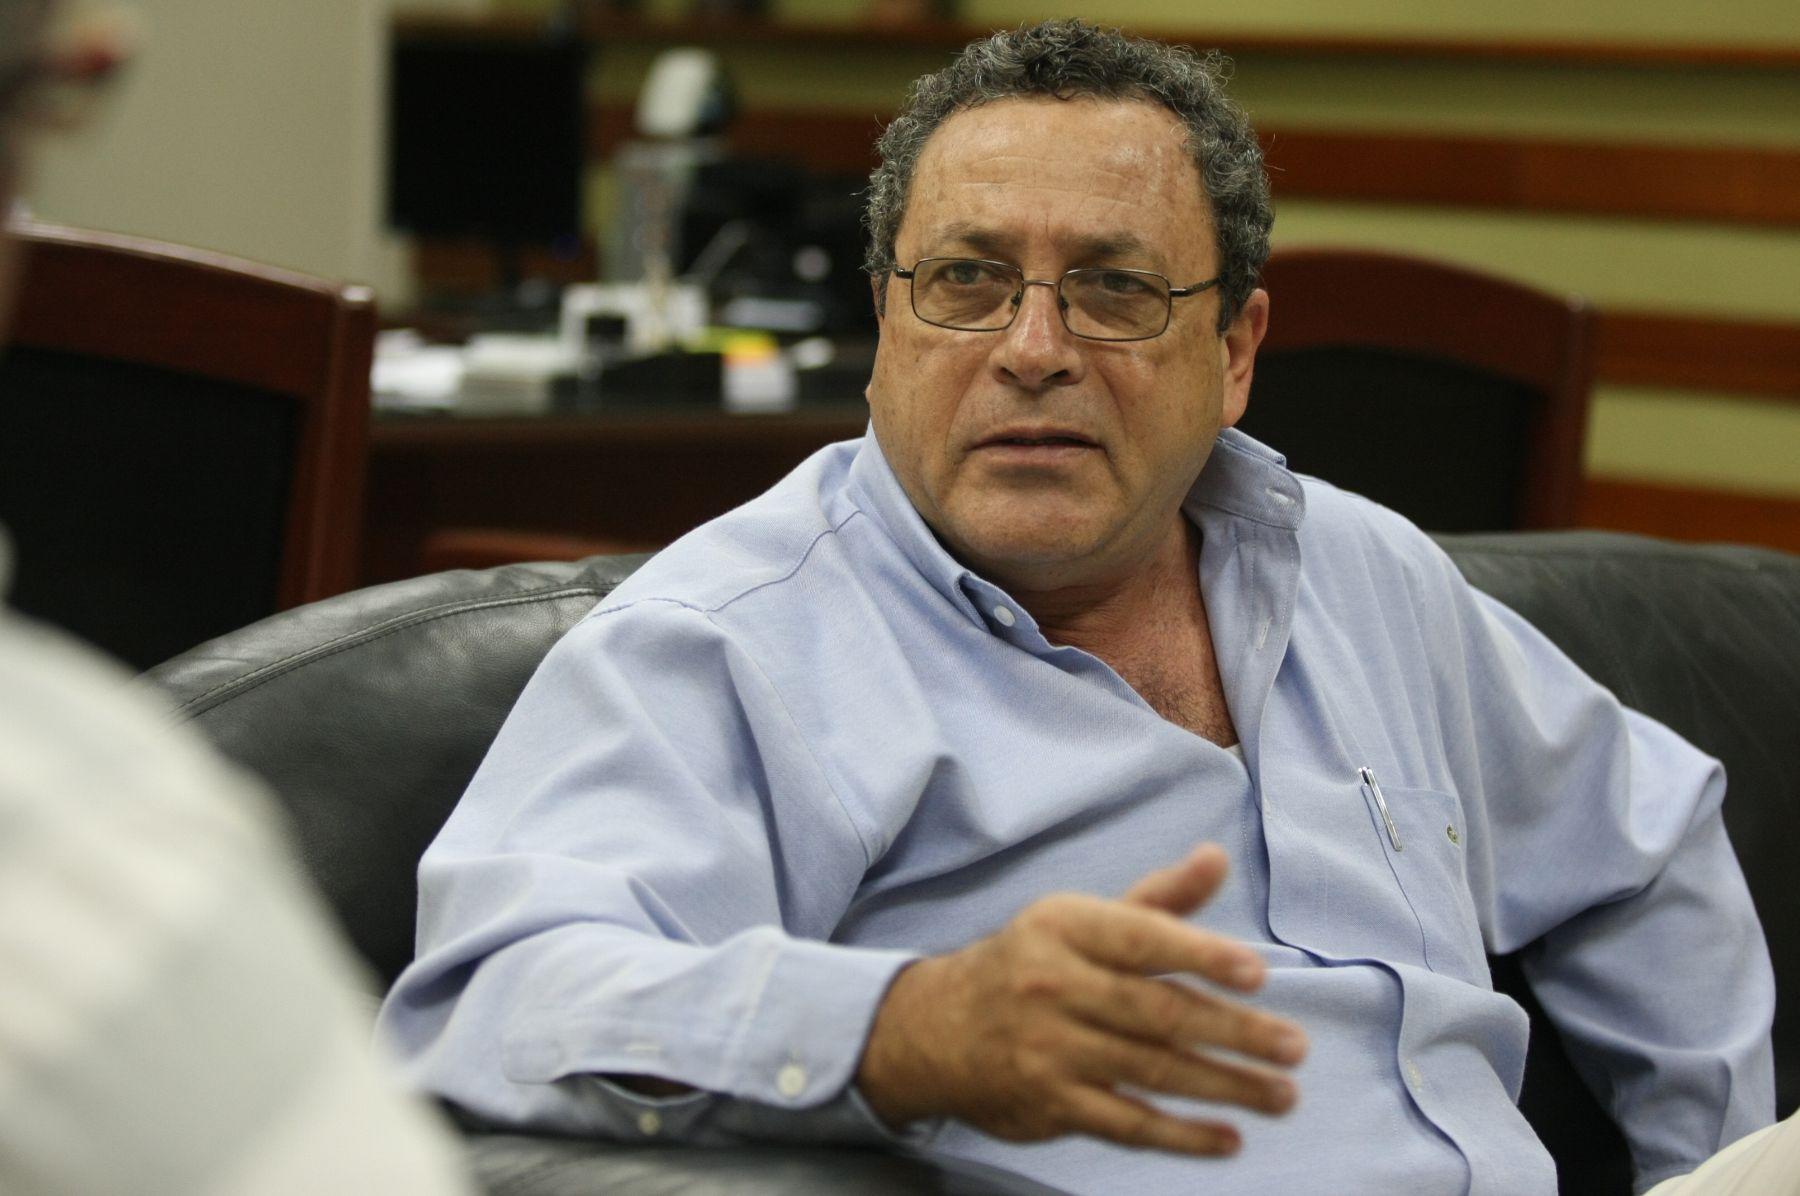 Exgobernador regional de Piura Javier Atkins fue sentenciado por negociación incompatible. ANDINA/archivo